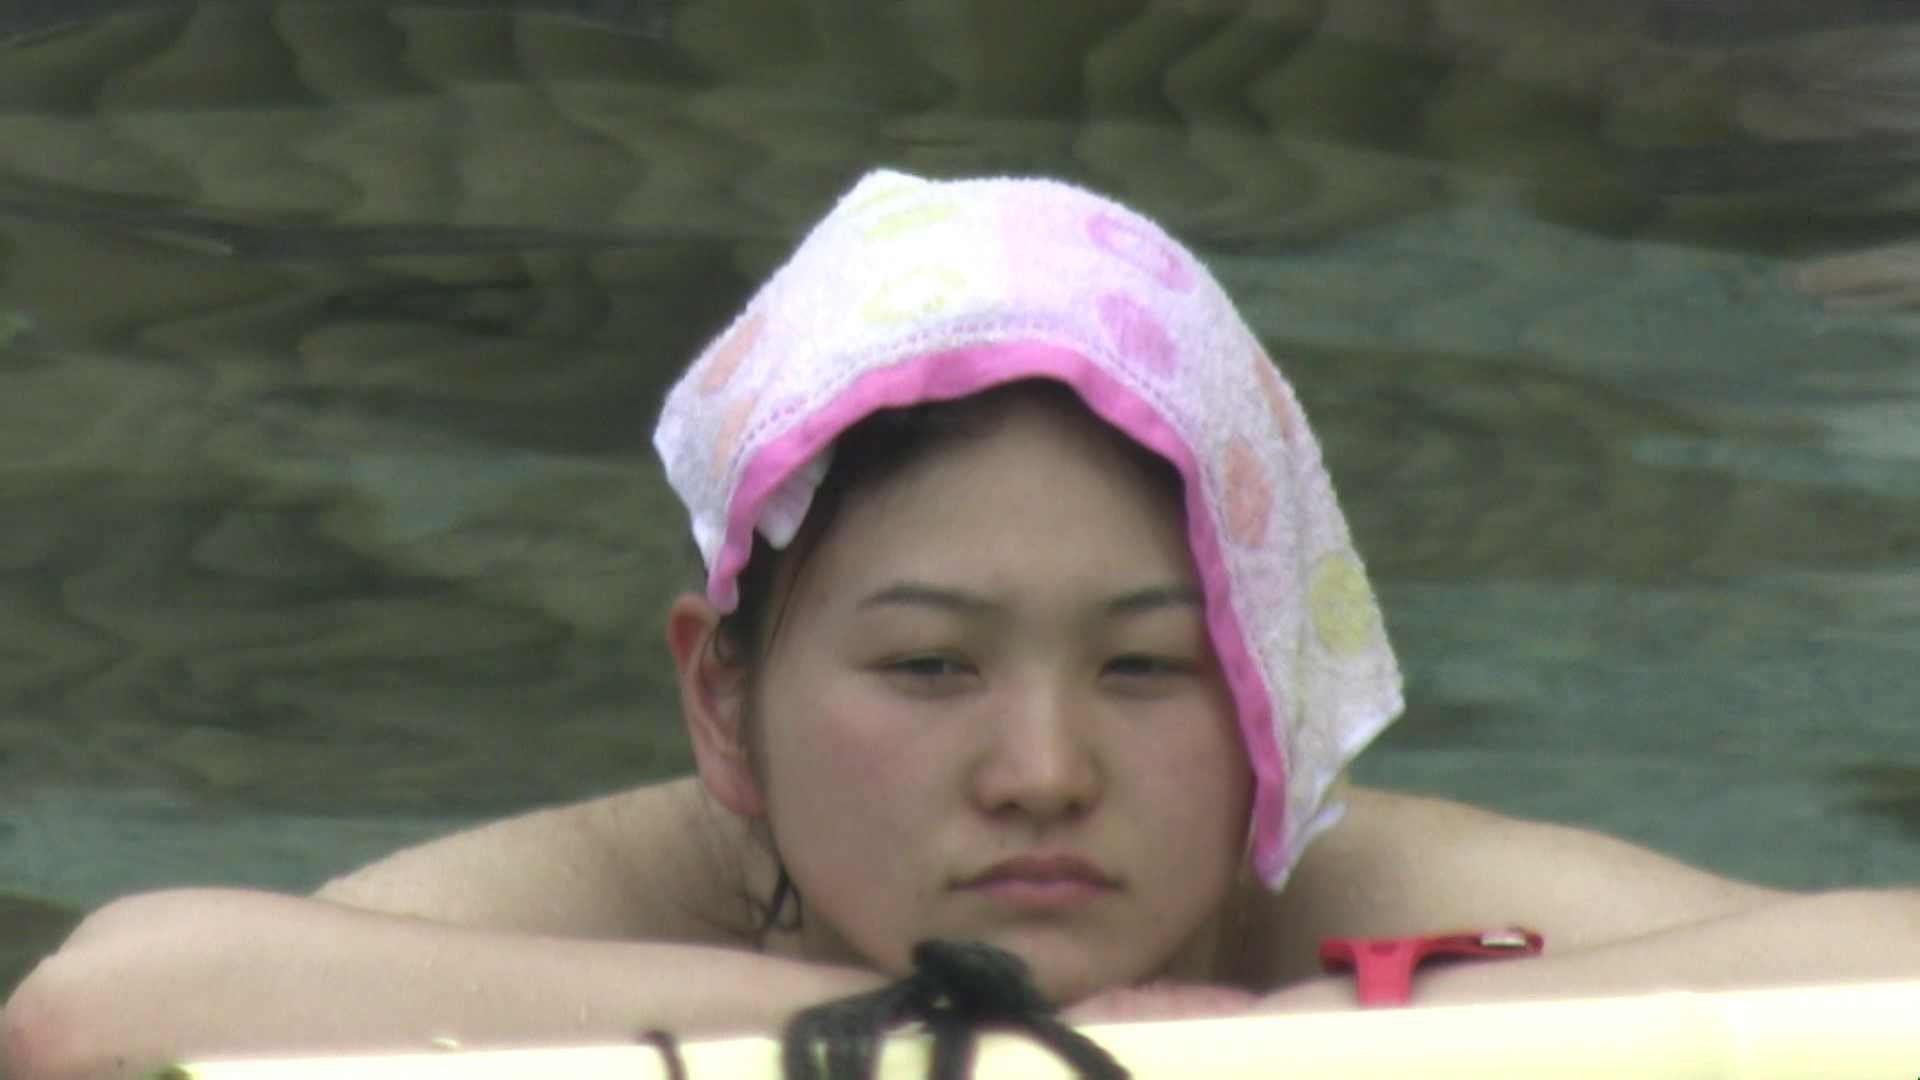 高画質露天女風呂観察 vol.026 高画質 アダルト動画キャプチャ 84連発 4